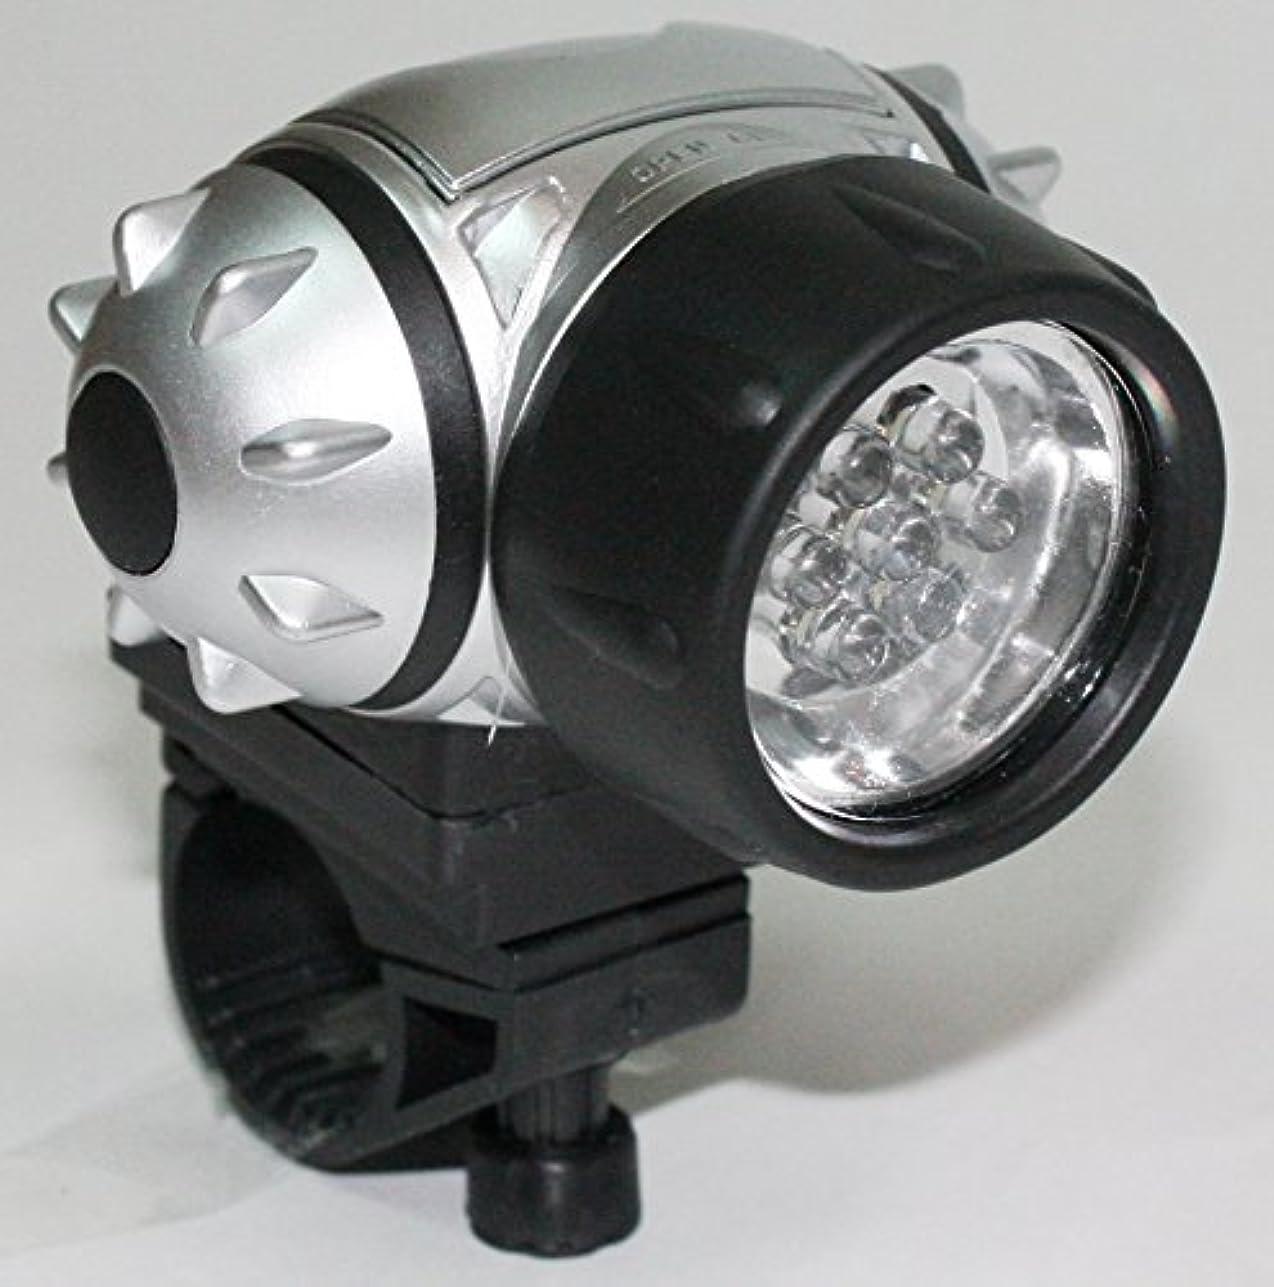 ラオス人アクセント目に見える7灯LED 防滴サイクルヘッドライト 自転車用前照灯 SA-00018